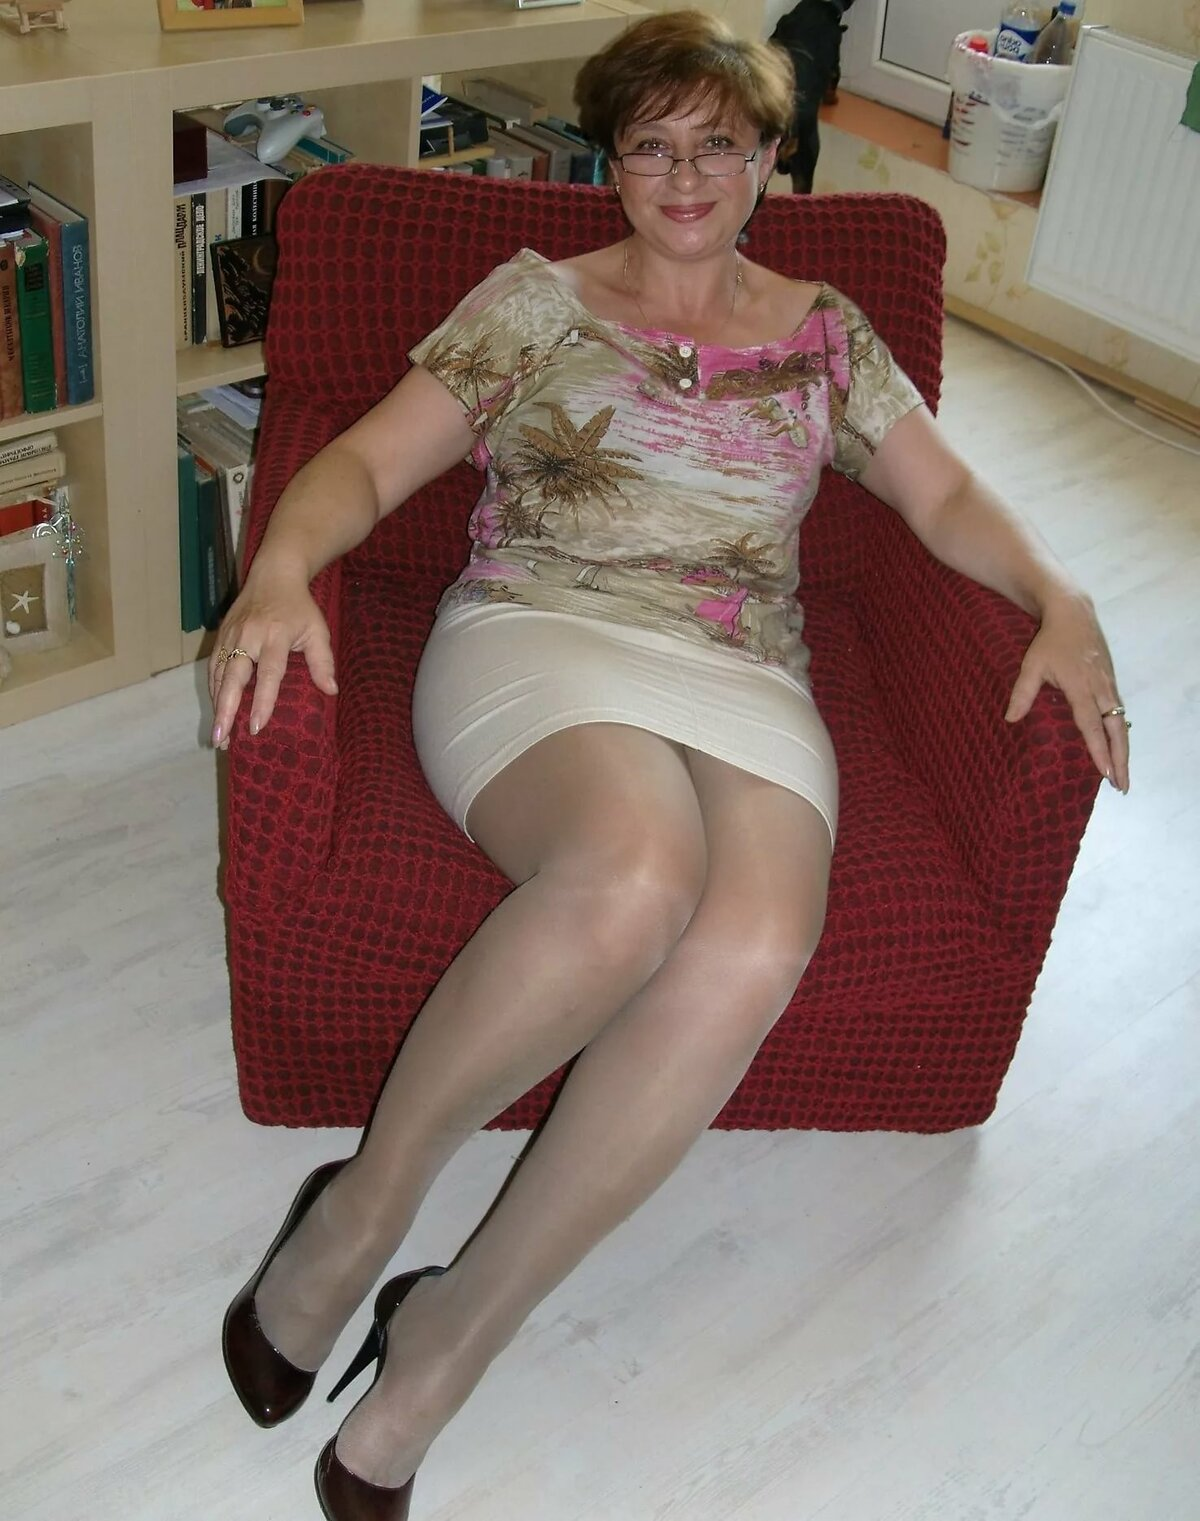 баба в возрасте нормальным